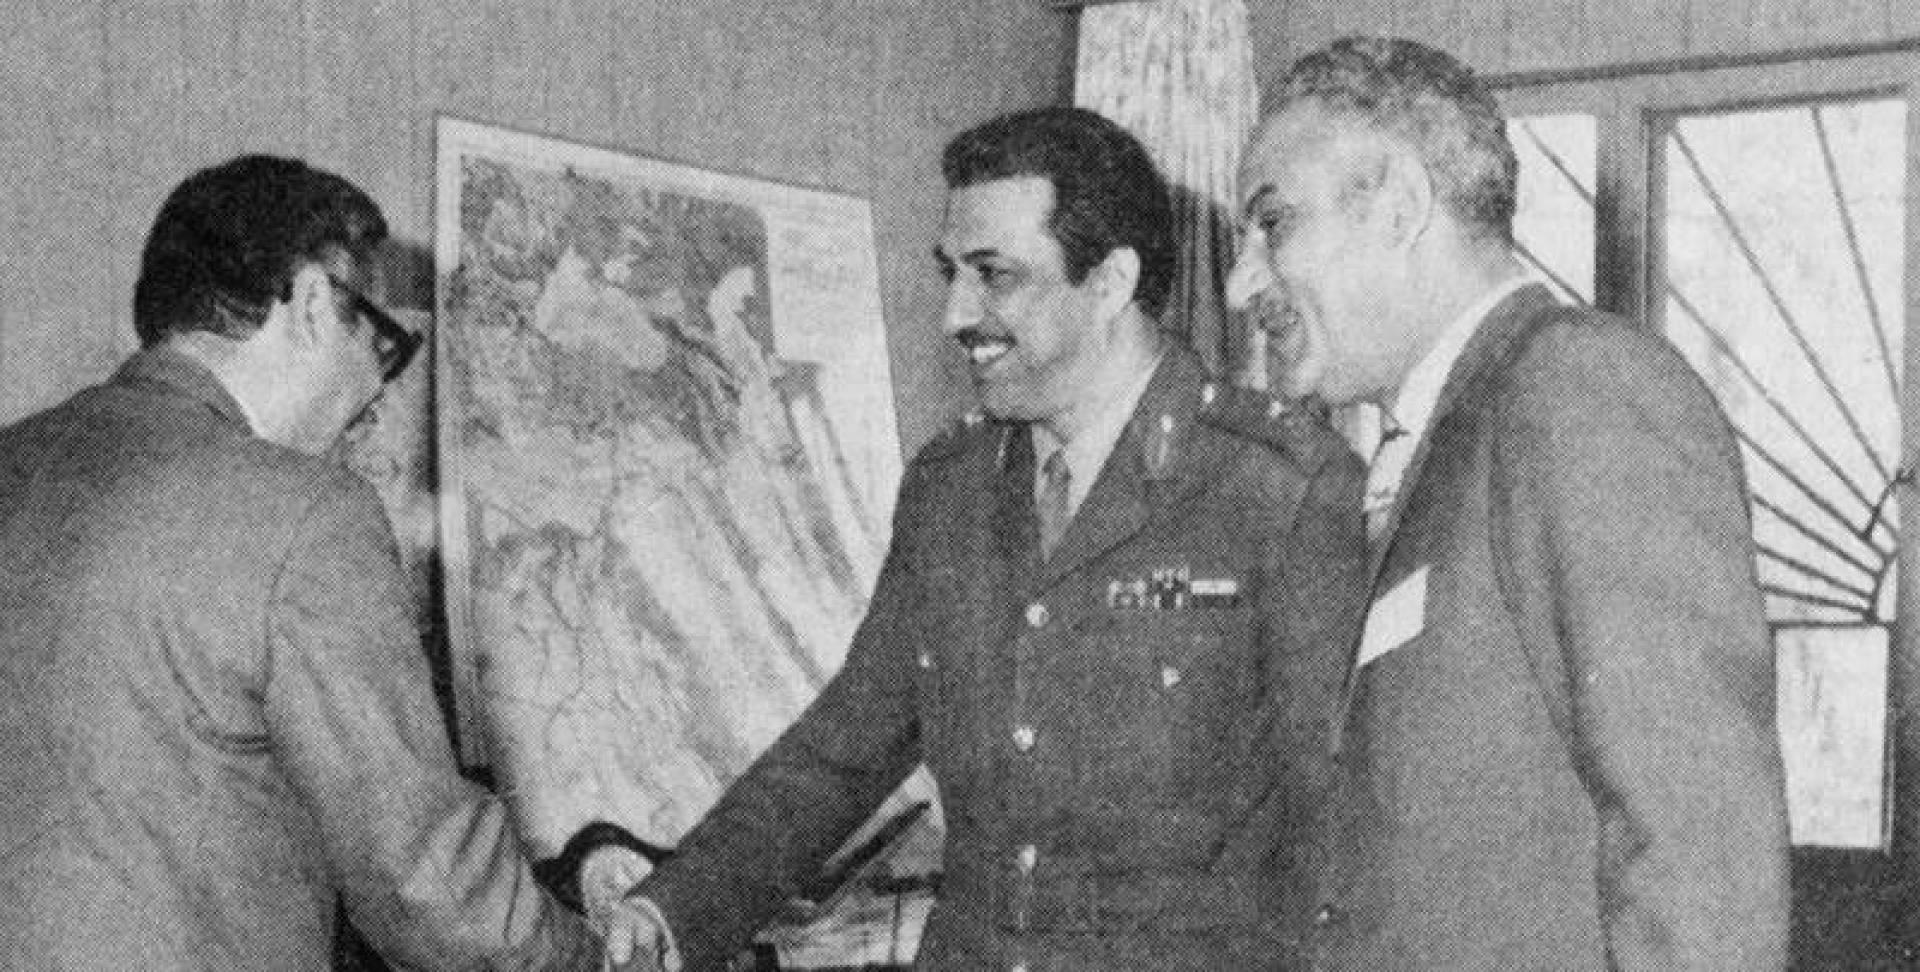 اللواء صالح محمد الصباح لدى استقباله الوفد العسكري المصري